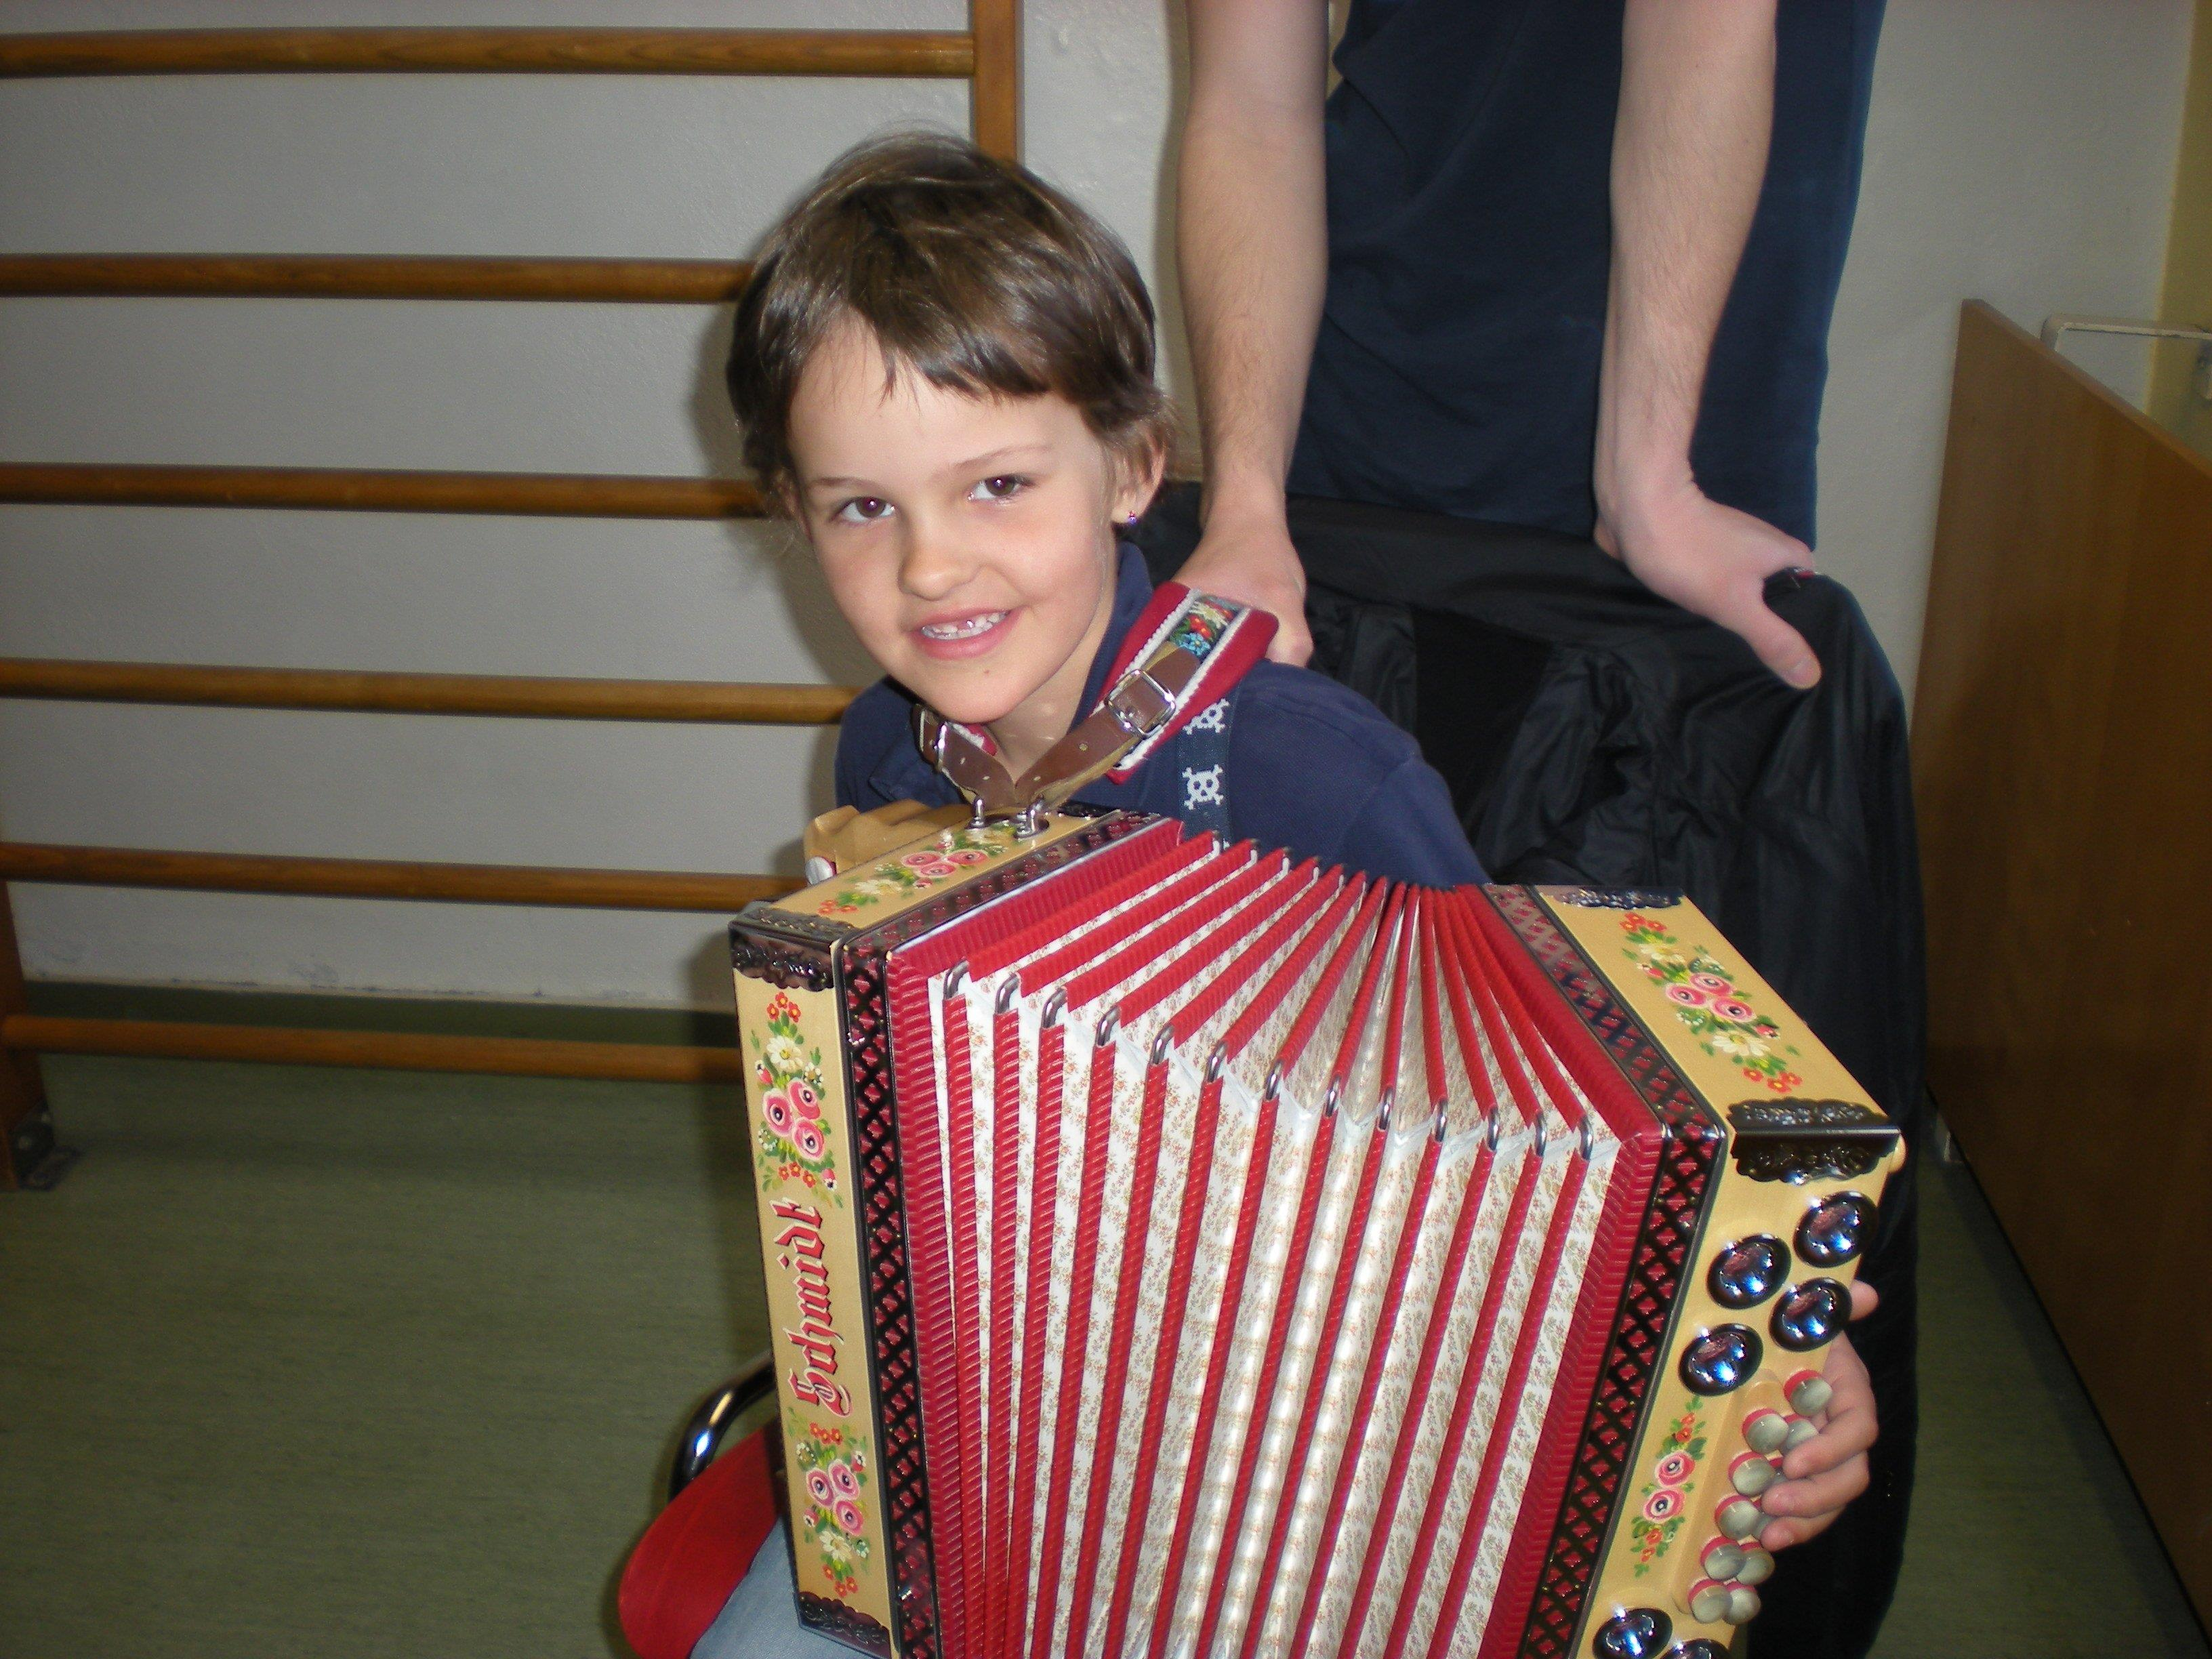 Die Kinder der VS Leopold zeigten sich beim Ausprobieren der Instrumente sehr geschickt.